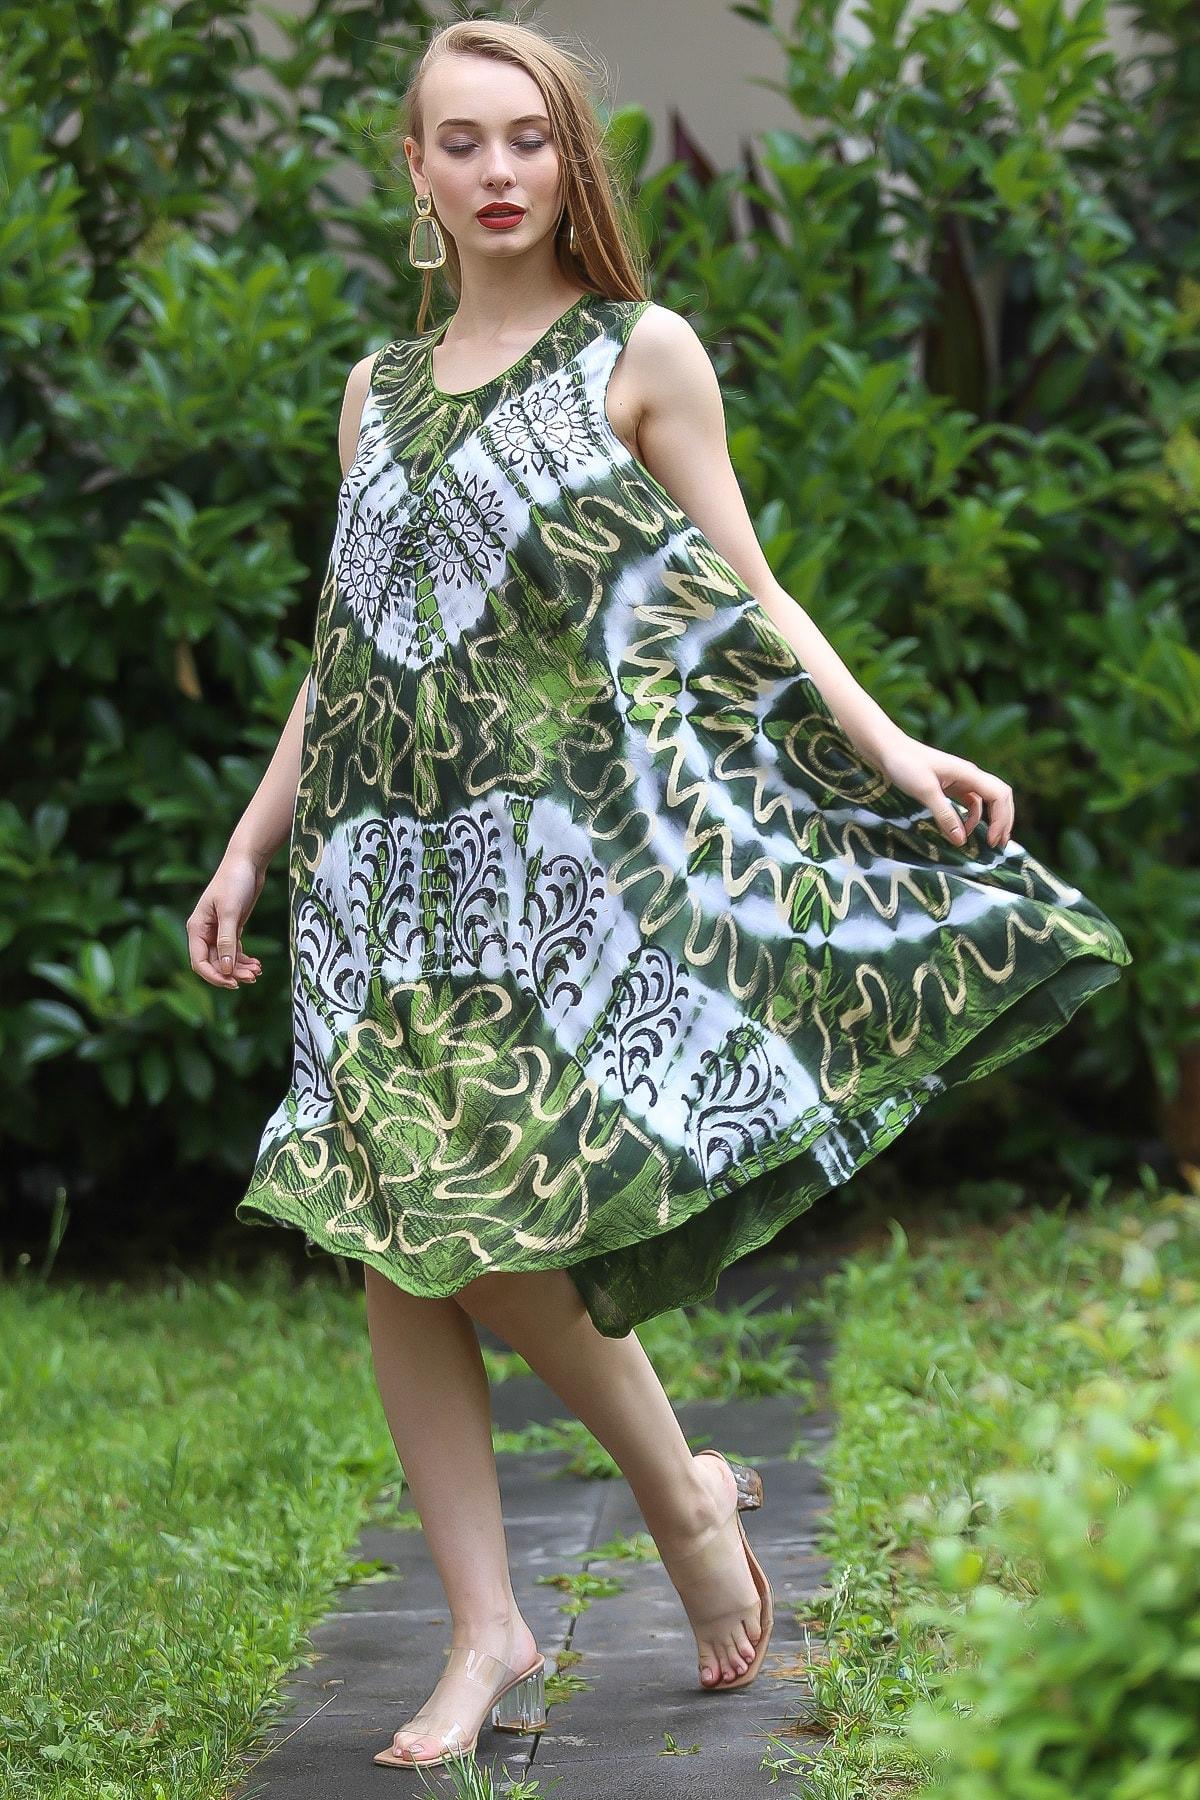 Chiccy Kadın Yeşil Bohem Batik Desenli Kolsuz Kloş Elbise M10160000EL96673 3